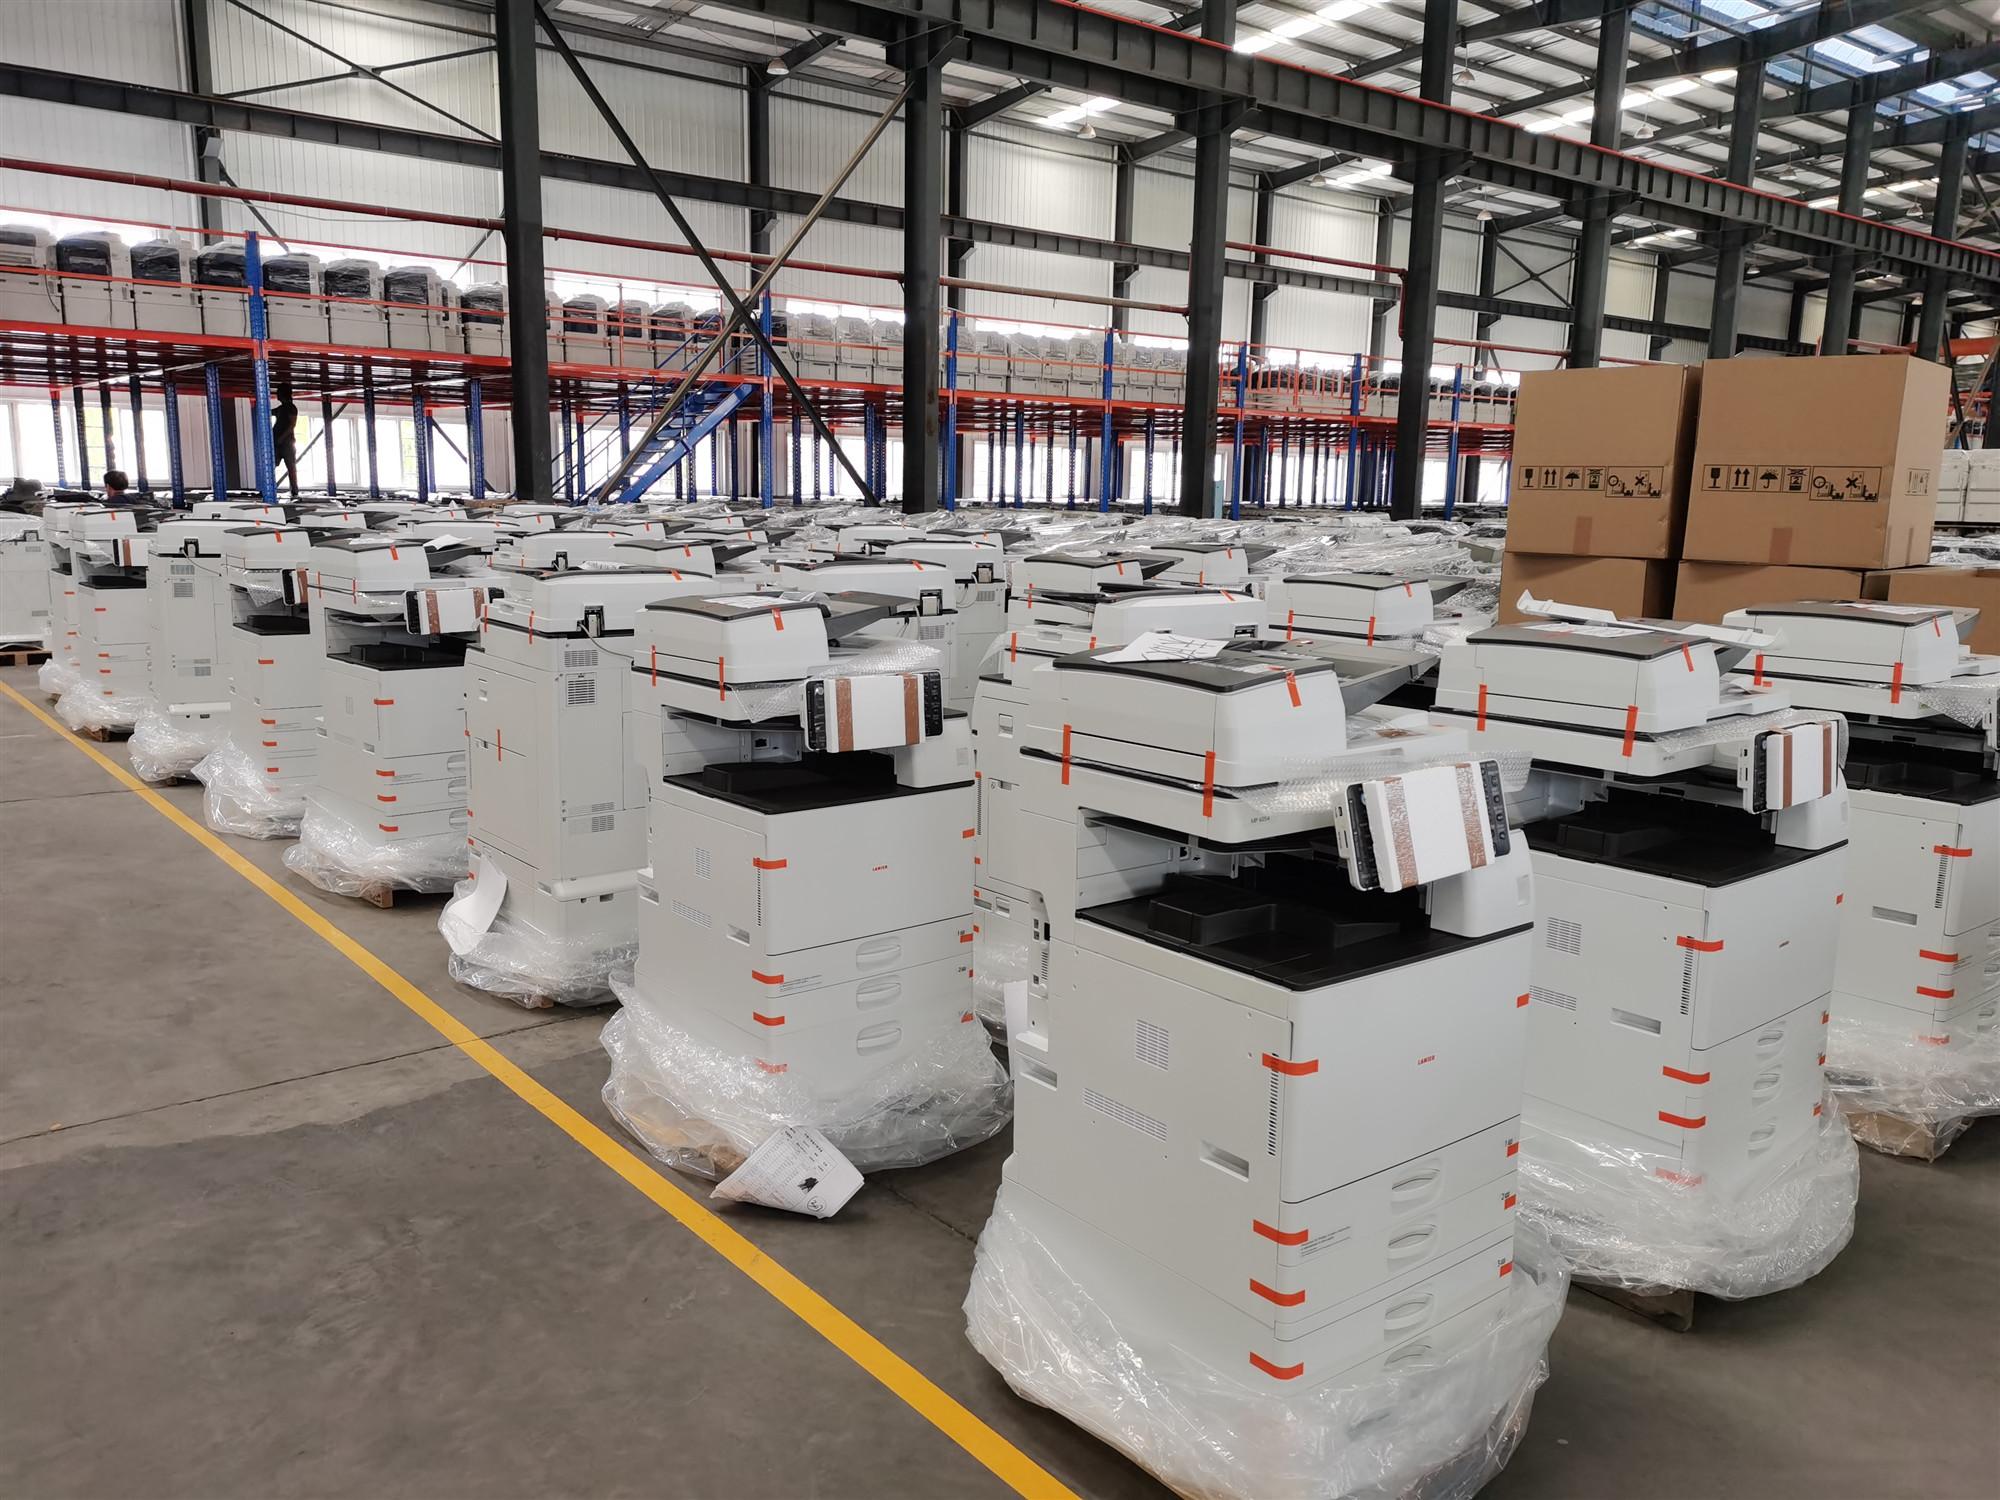 Cho thuê máy photocopy tại Hà Nội và các tỉnh giá rẻ